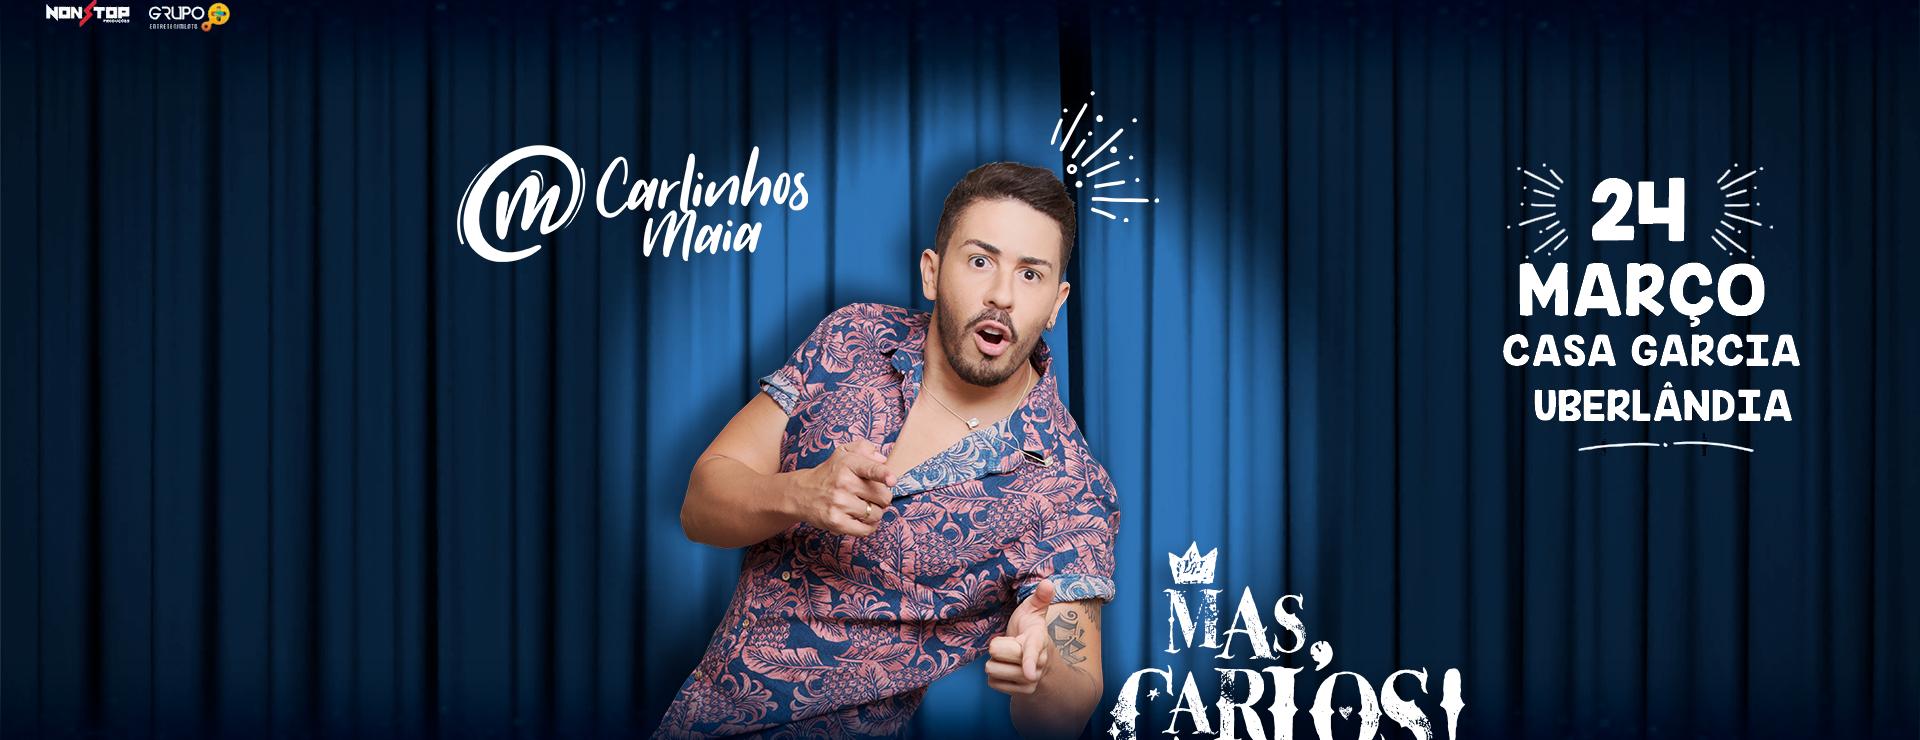 CARLINHOS MAIA